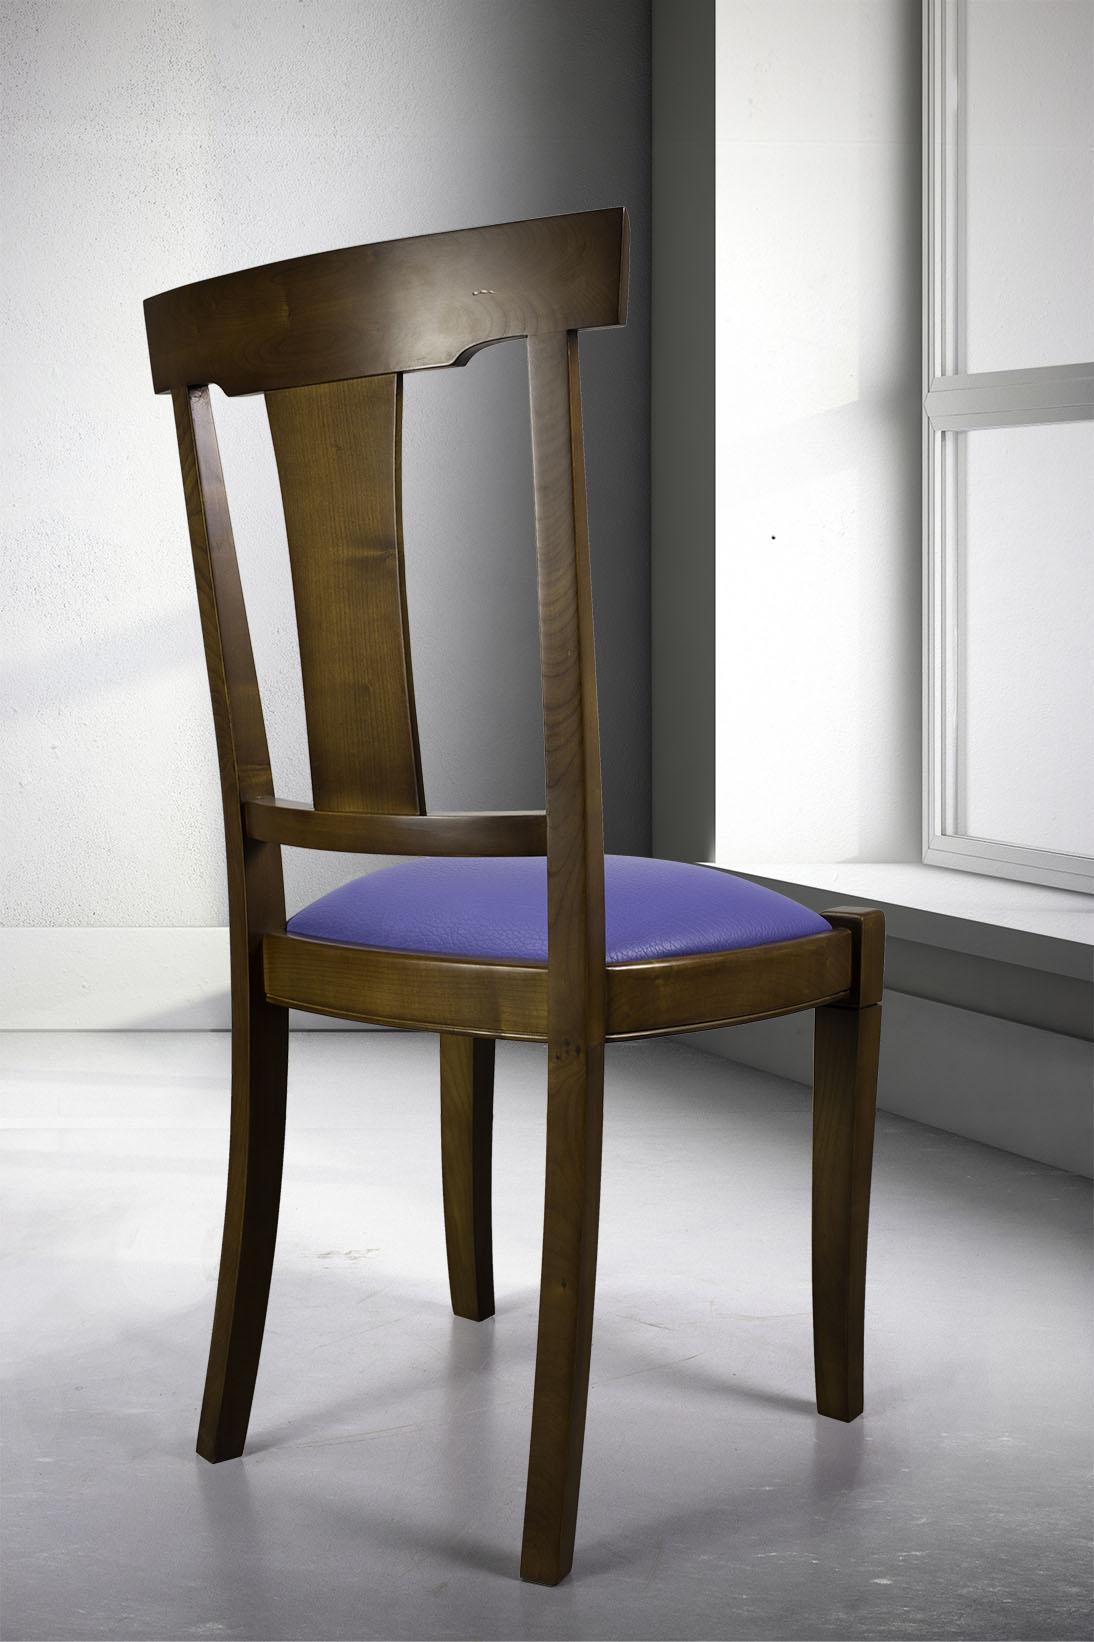 chaise syriel en merisier massif de style louis philippe assise encastr e meuble en merisier. Black Bedroom Furniture Sets. Home Design Ideas